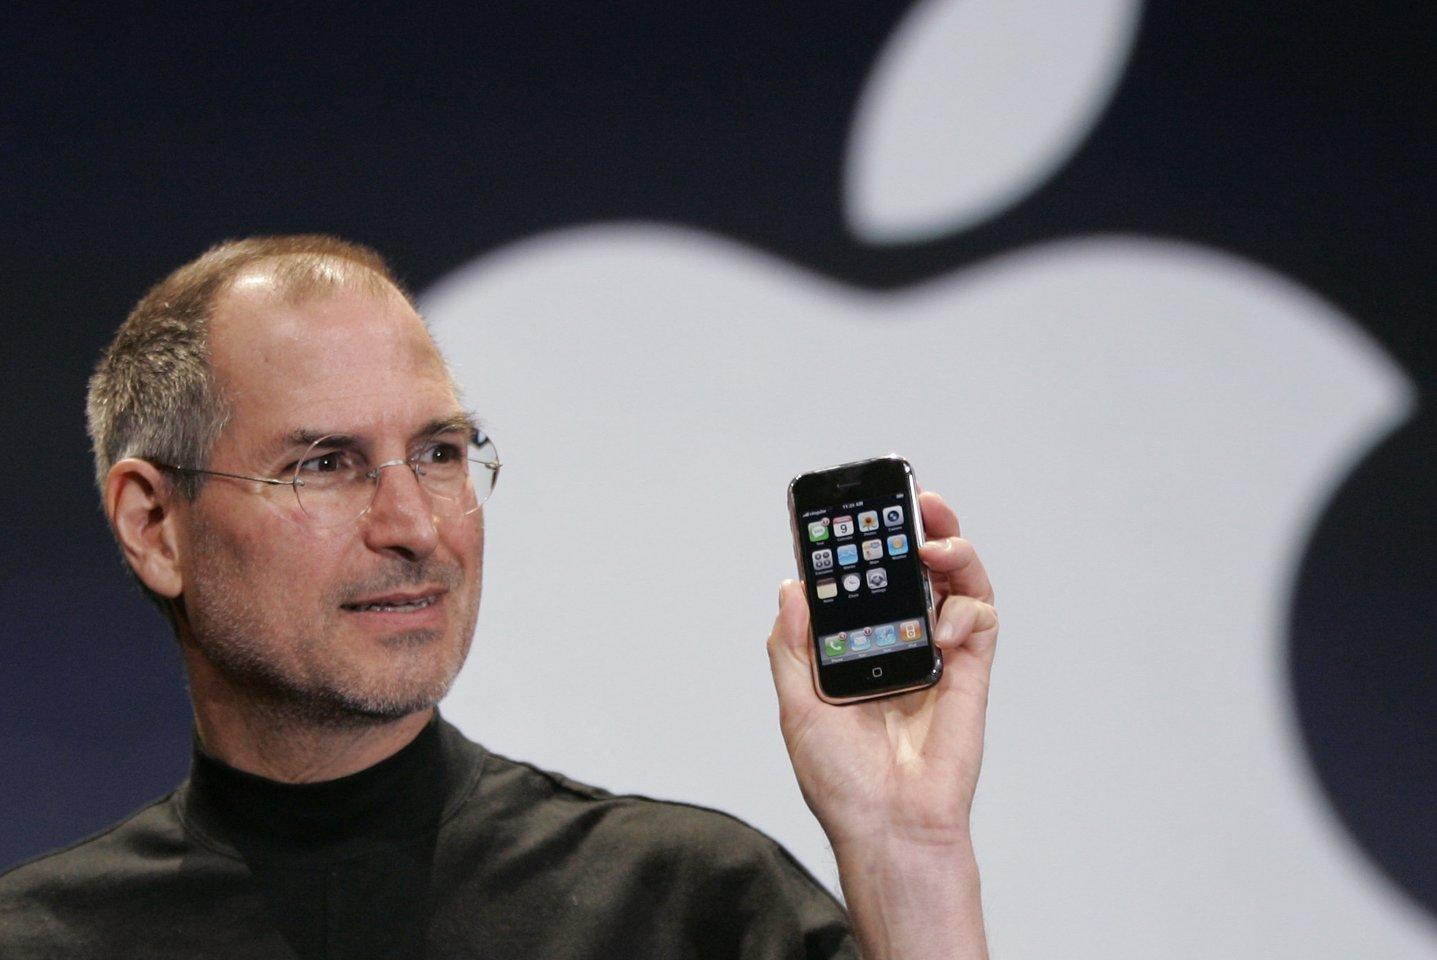 """2007 m. Stevenas Jobsas San Franciske pristatė pirmąjį """"iPhone"""" mobilųjį telefoną su lietimui jautriu ekranu.<br>AFP/Scanpix"""